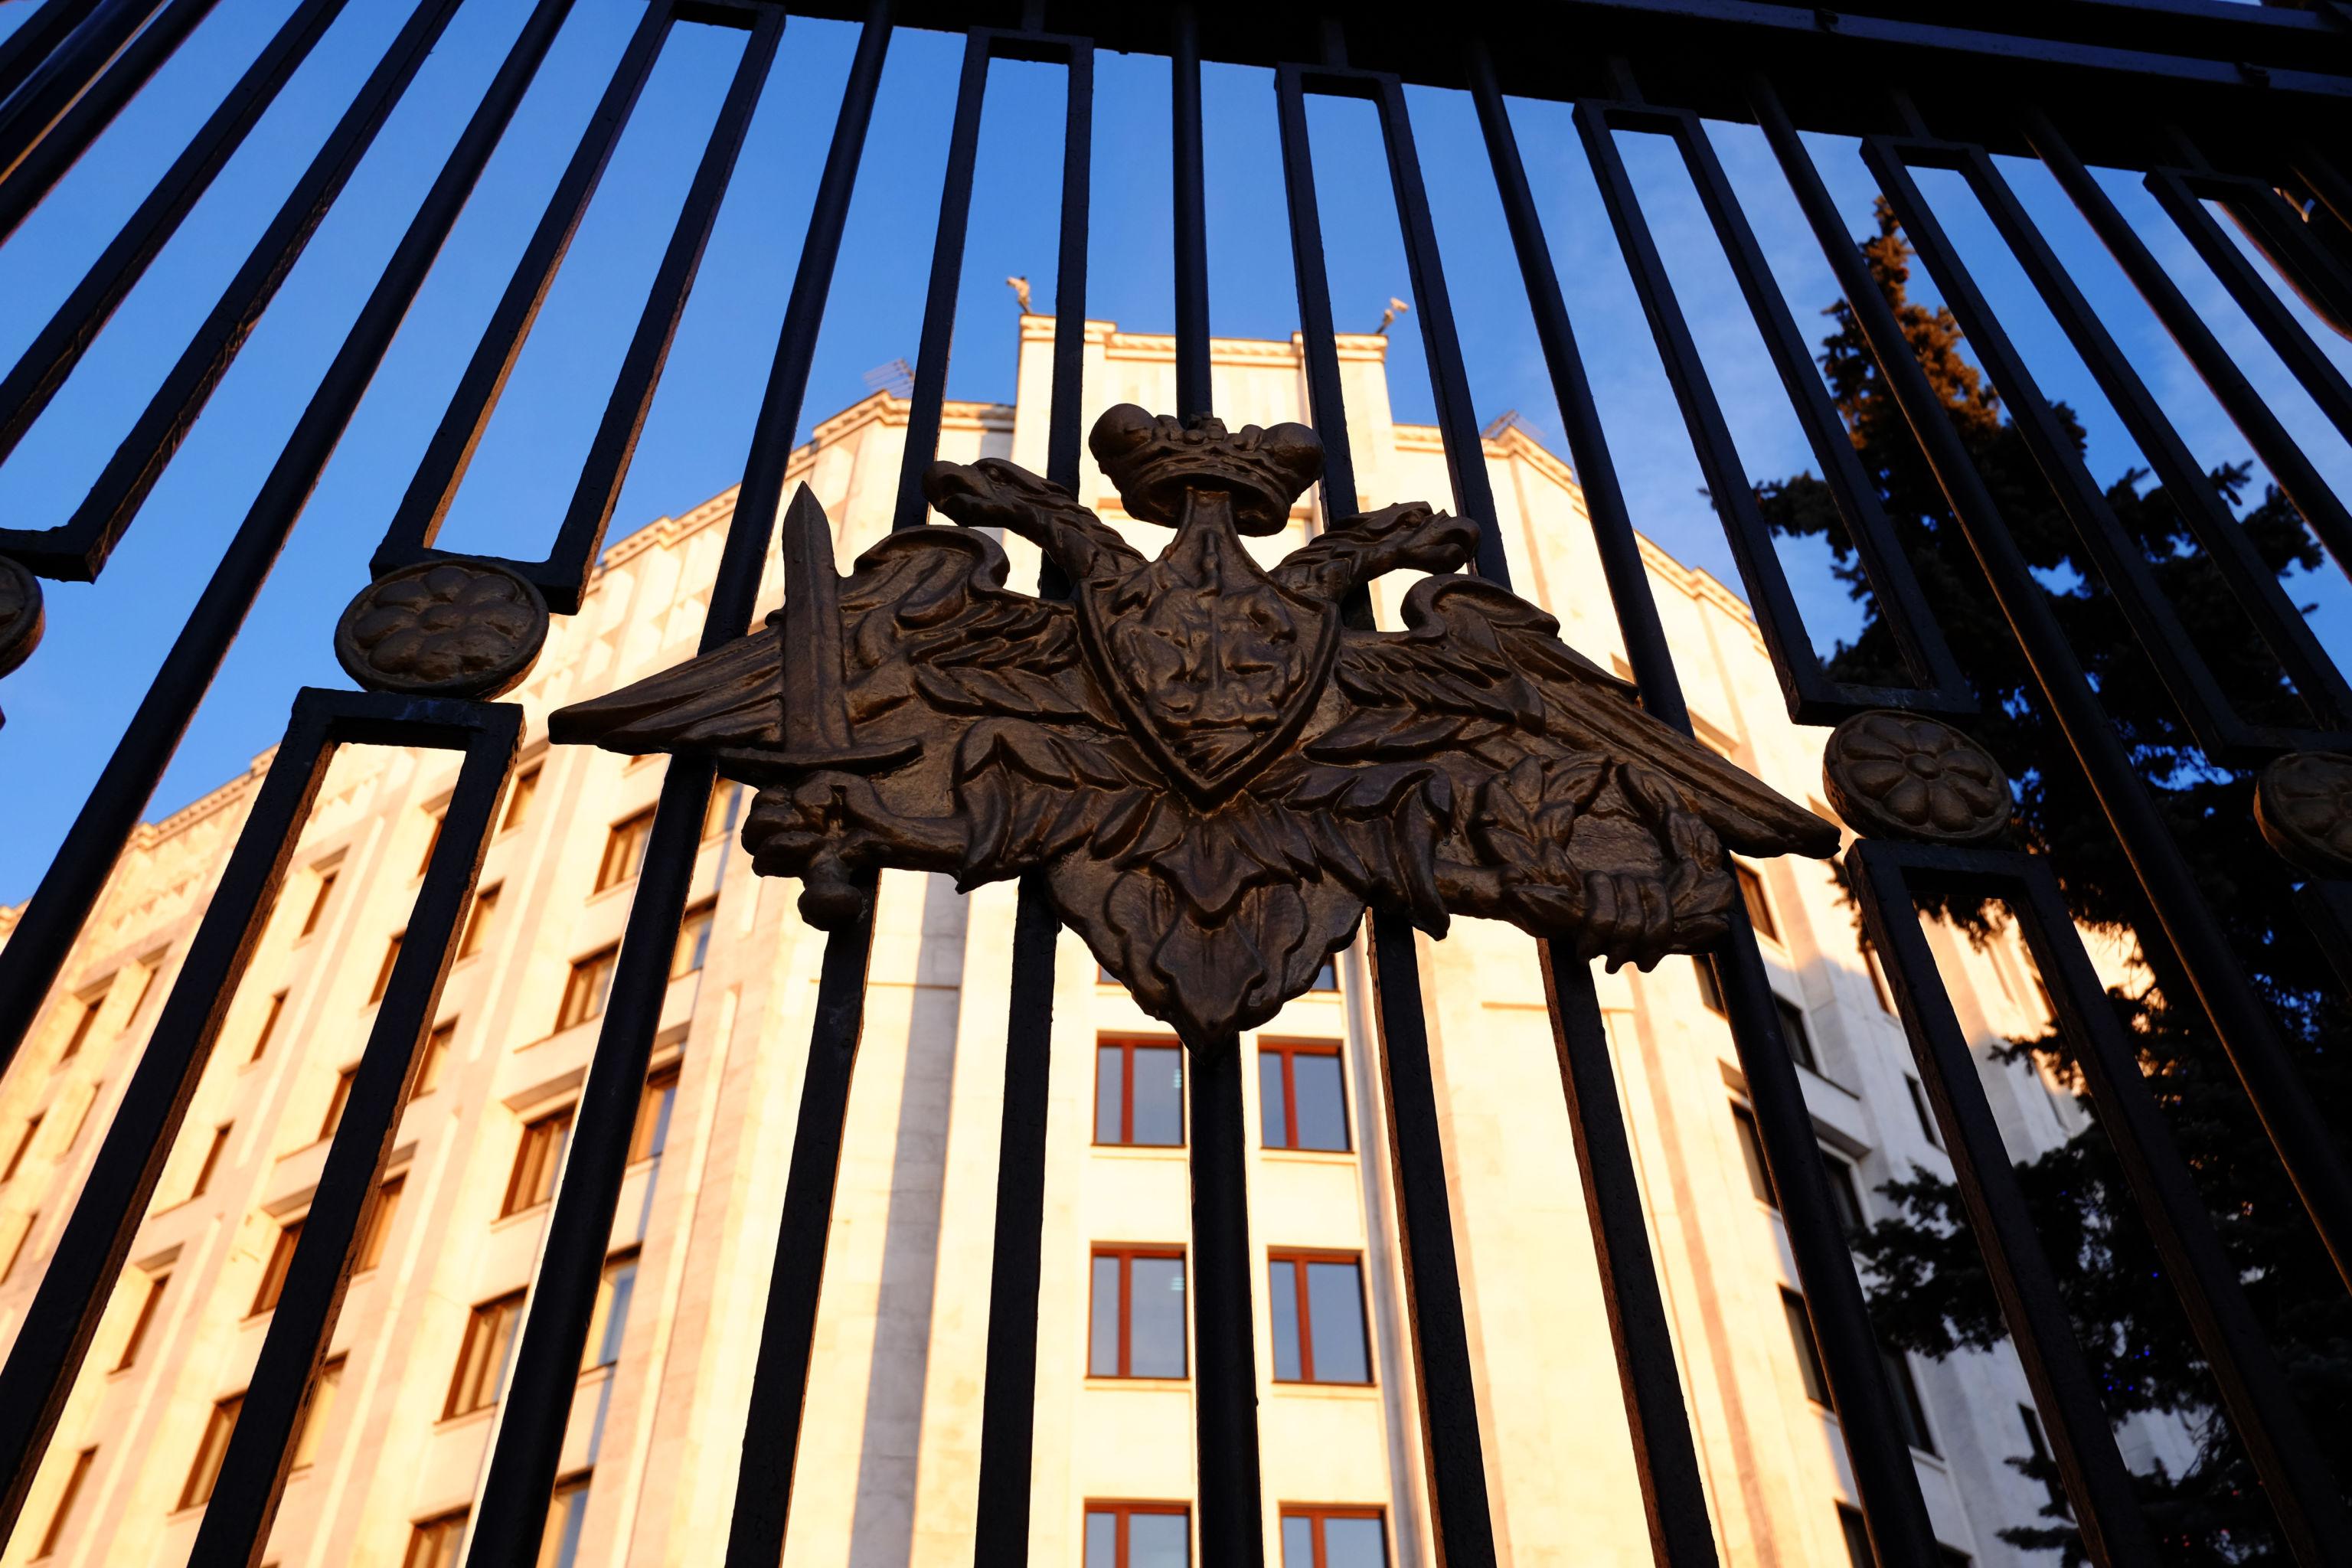 Герб на ограде здания министерства обороны РФ в Москве